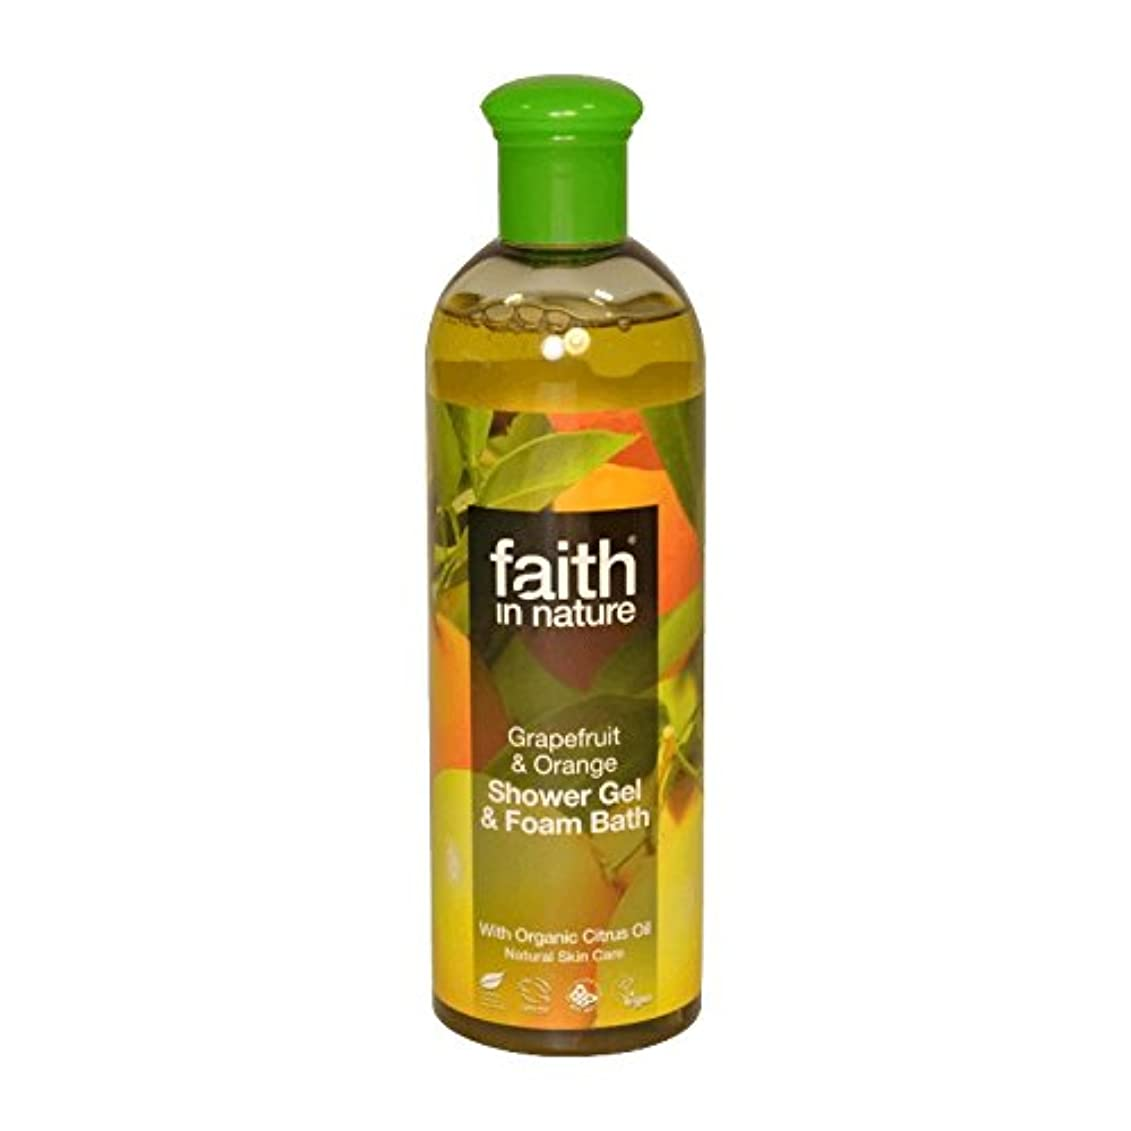 概要アルコーブ闘争Faith in Nature Grapefruit & Orange Shower Gel & Bath Foam 400ml (Pack of 2) - 自然グレープフルーツ&オレンジシャワージェル&バス泡400ミリリットル...